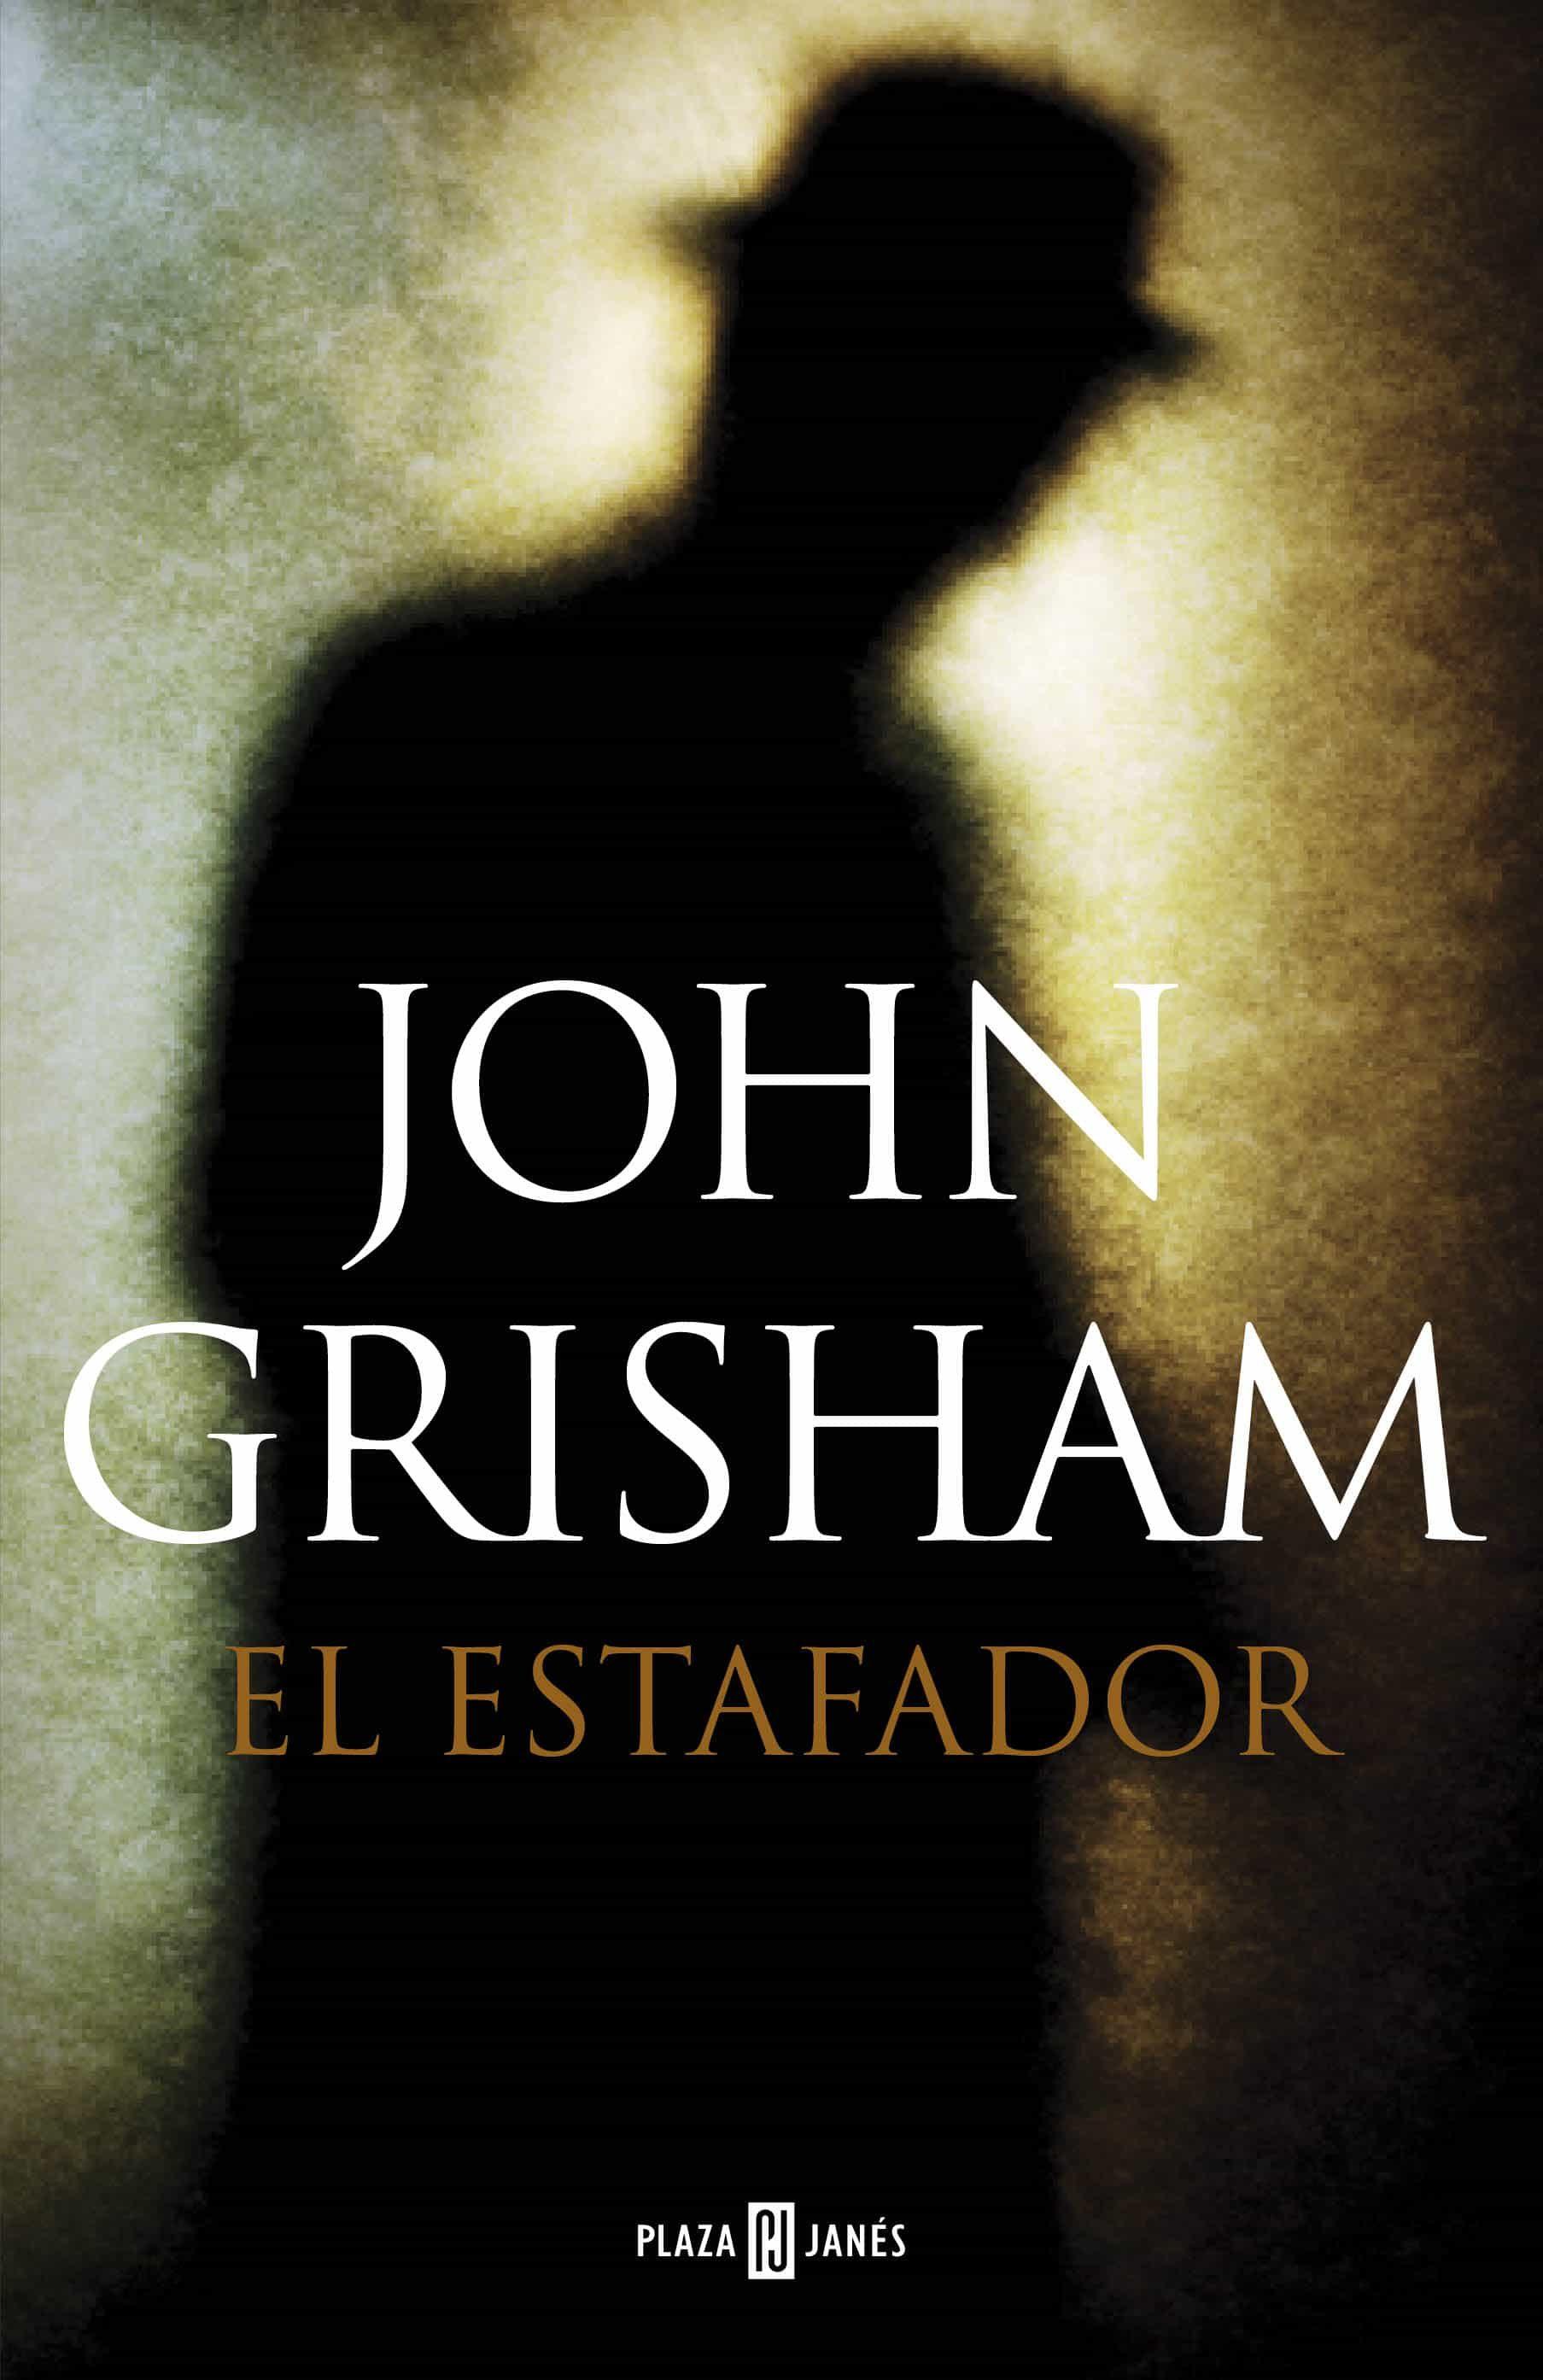 El estafador ebook john grisham 9788490621622